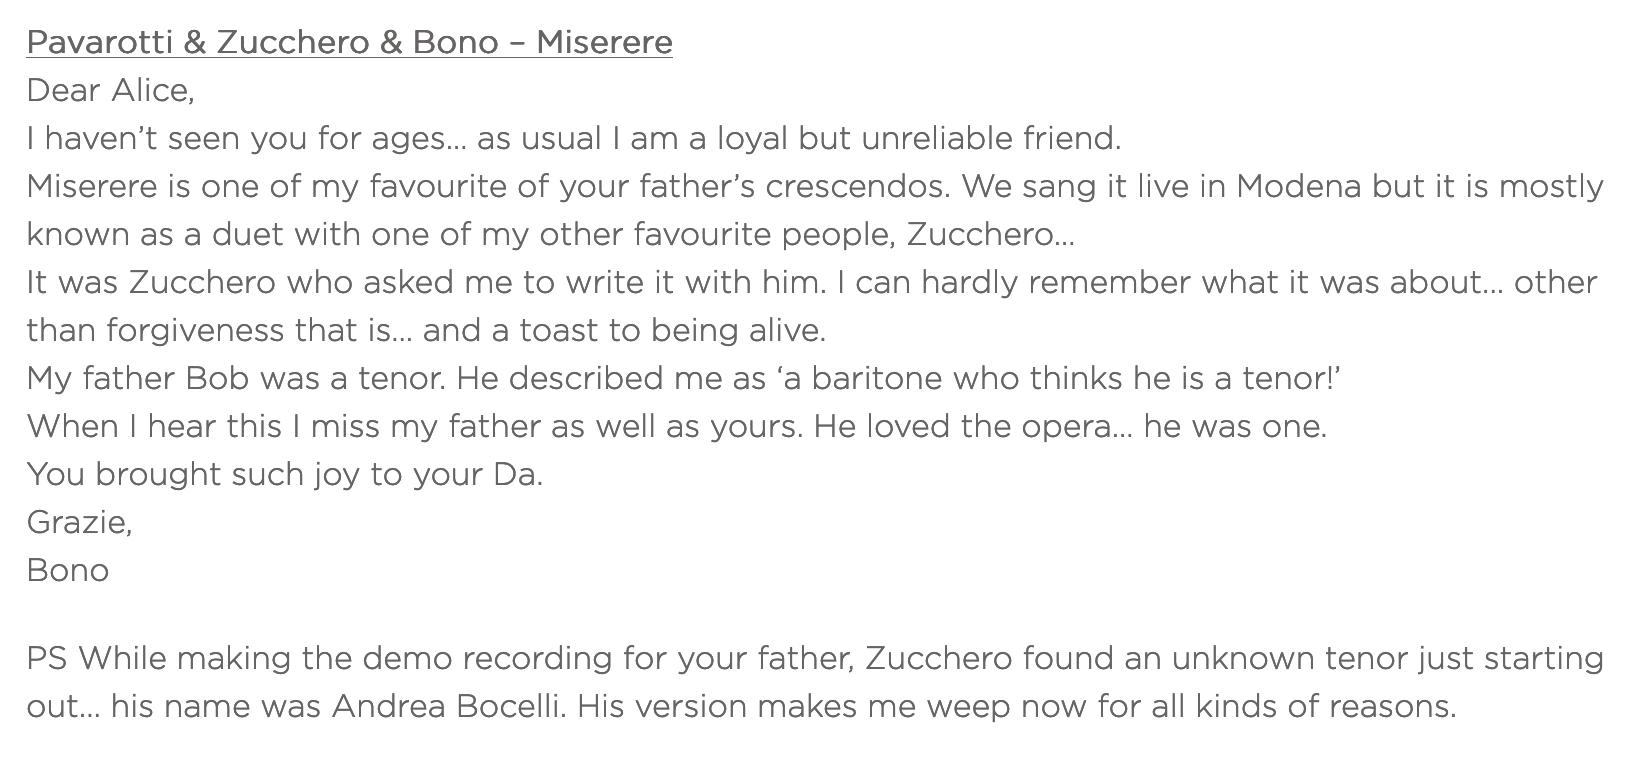 Pavarotti & Zucchero & Bono –Miserere